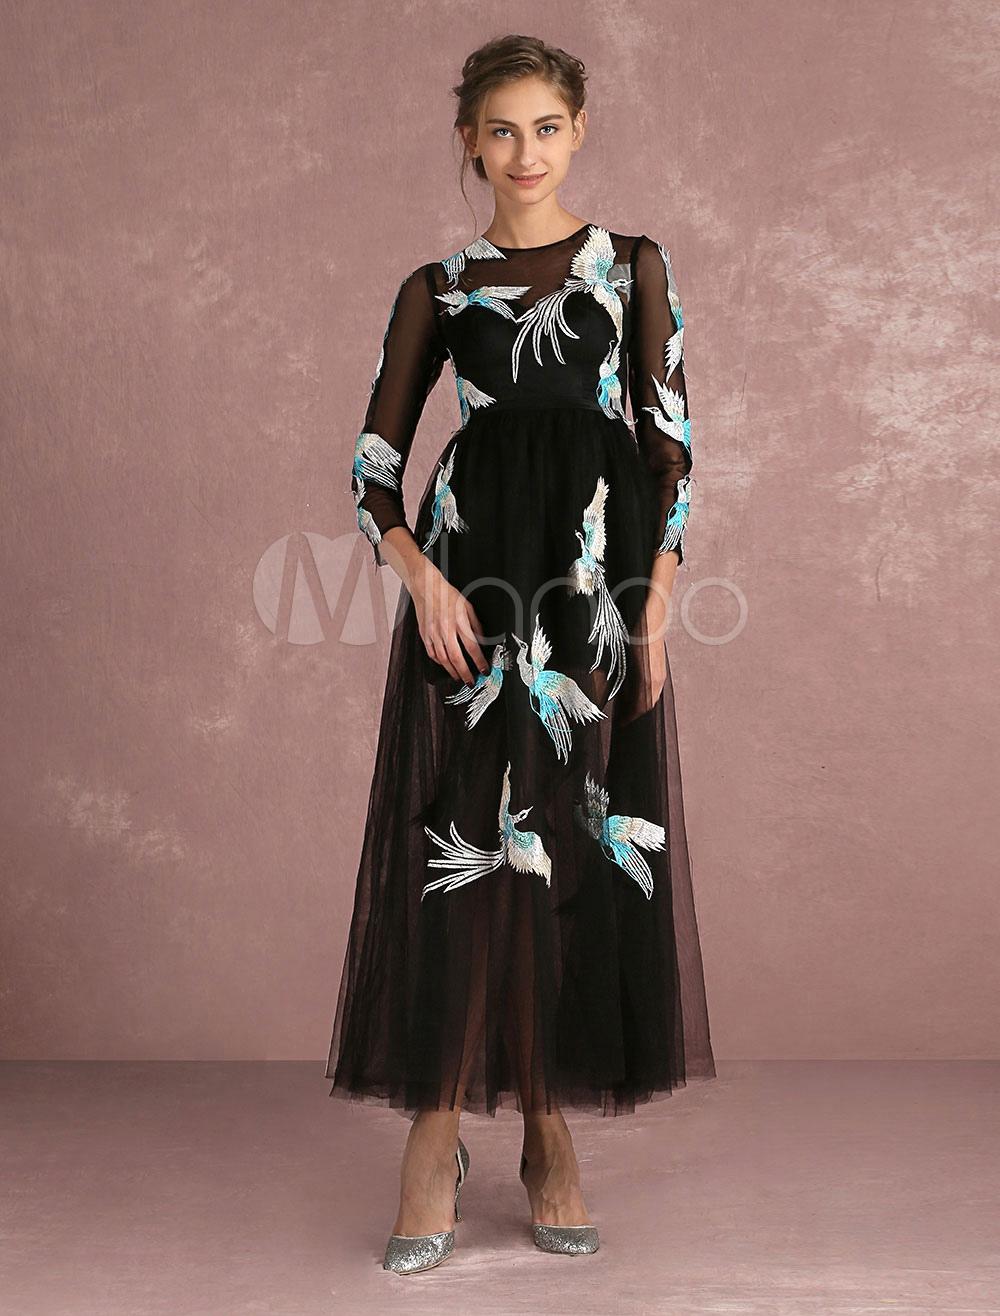 Tüll Prom Kleid schwarz Illusion bestickte Cocktailkleid Juwel 3/4 ...